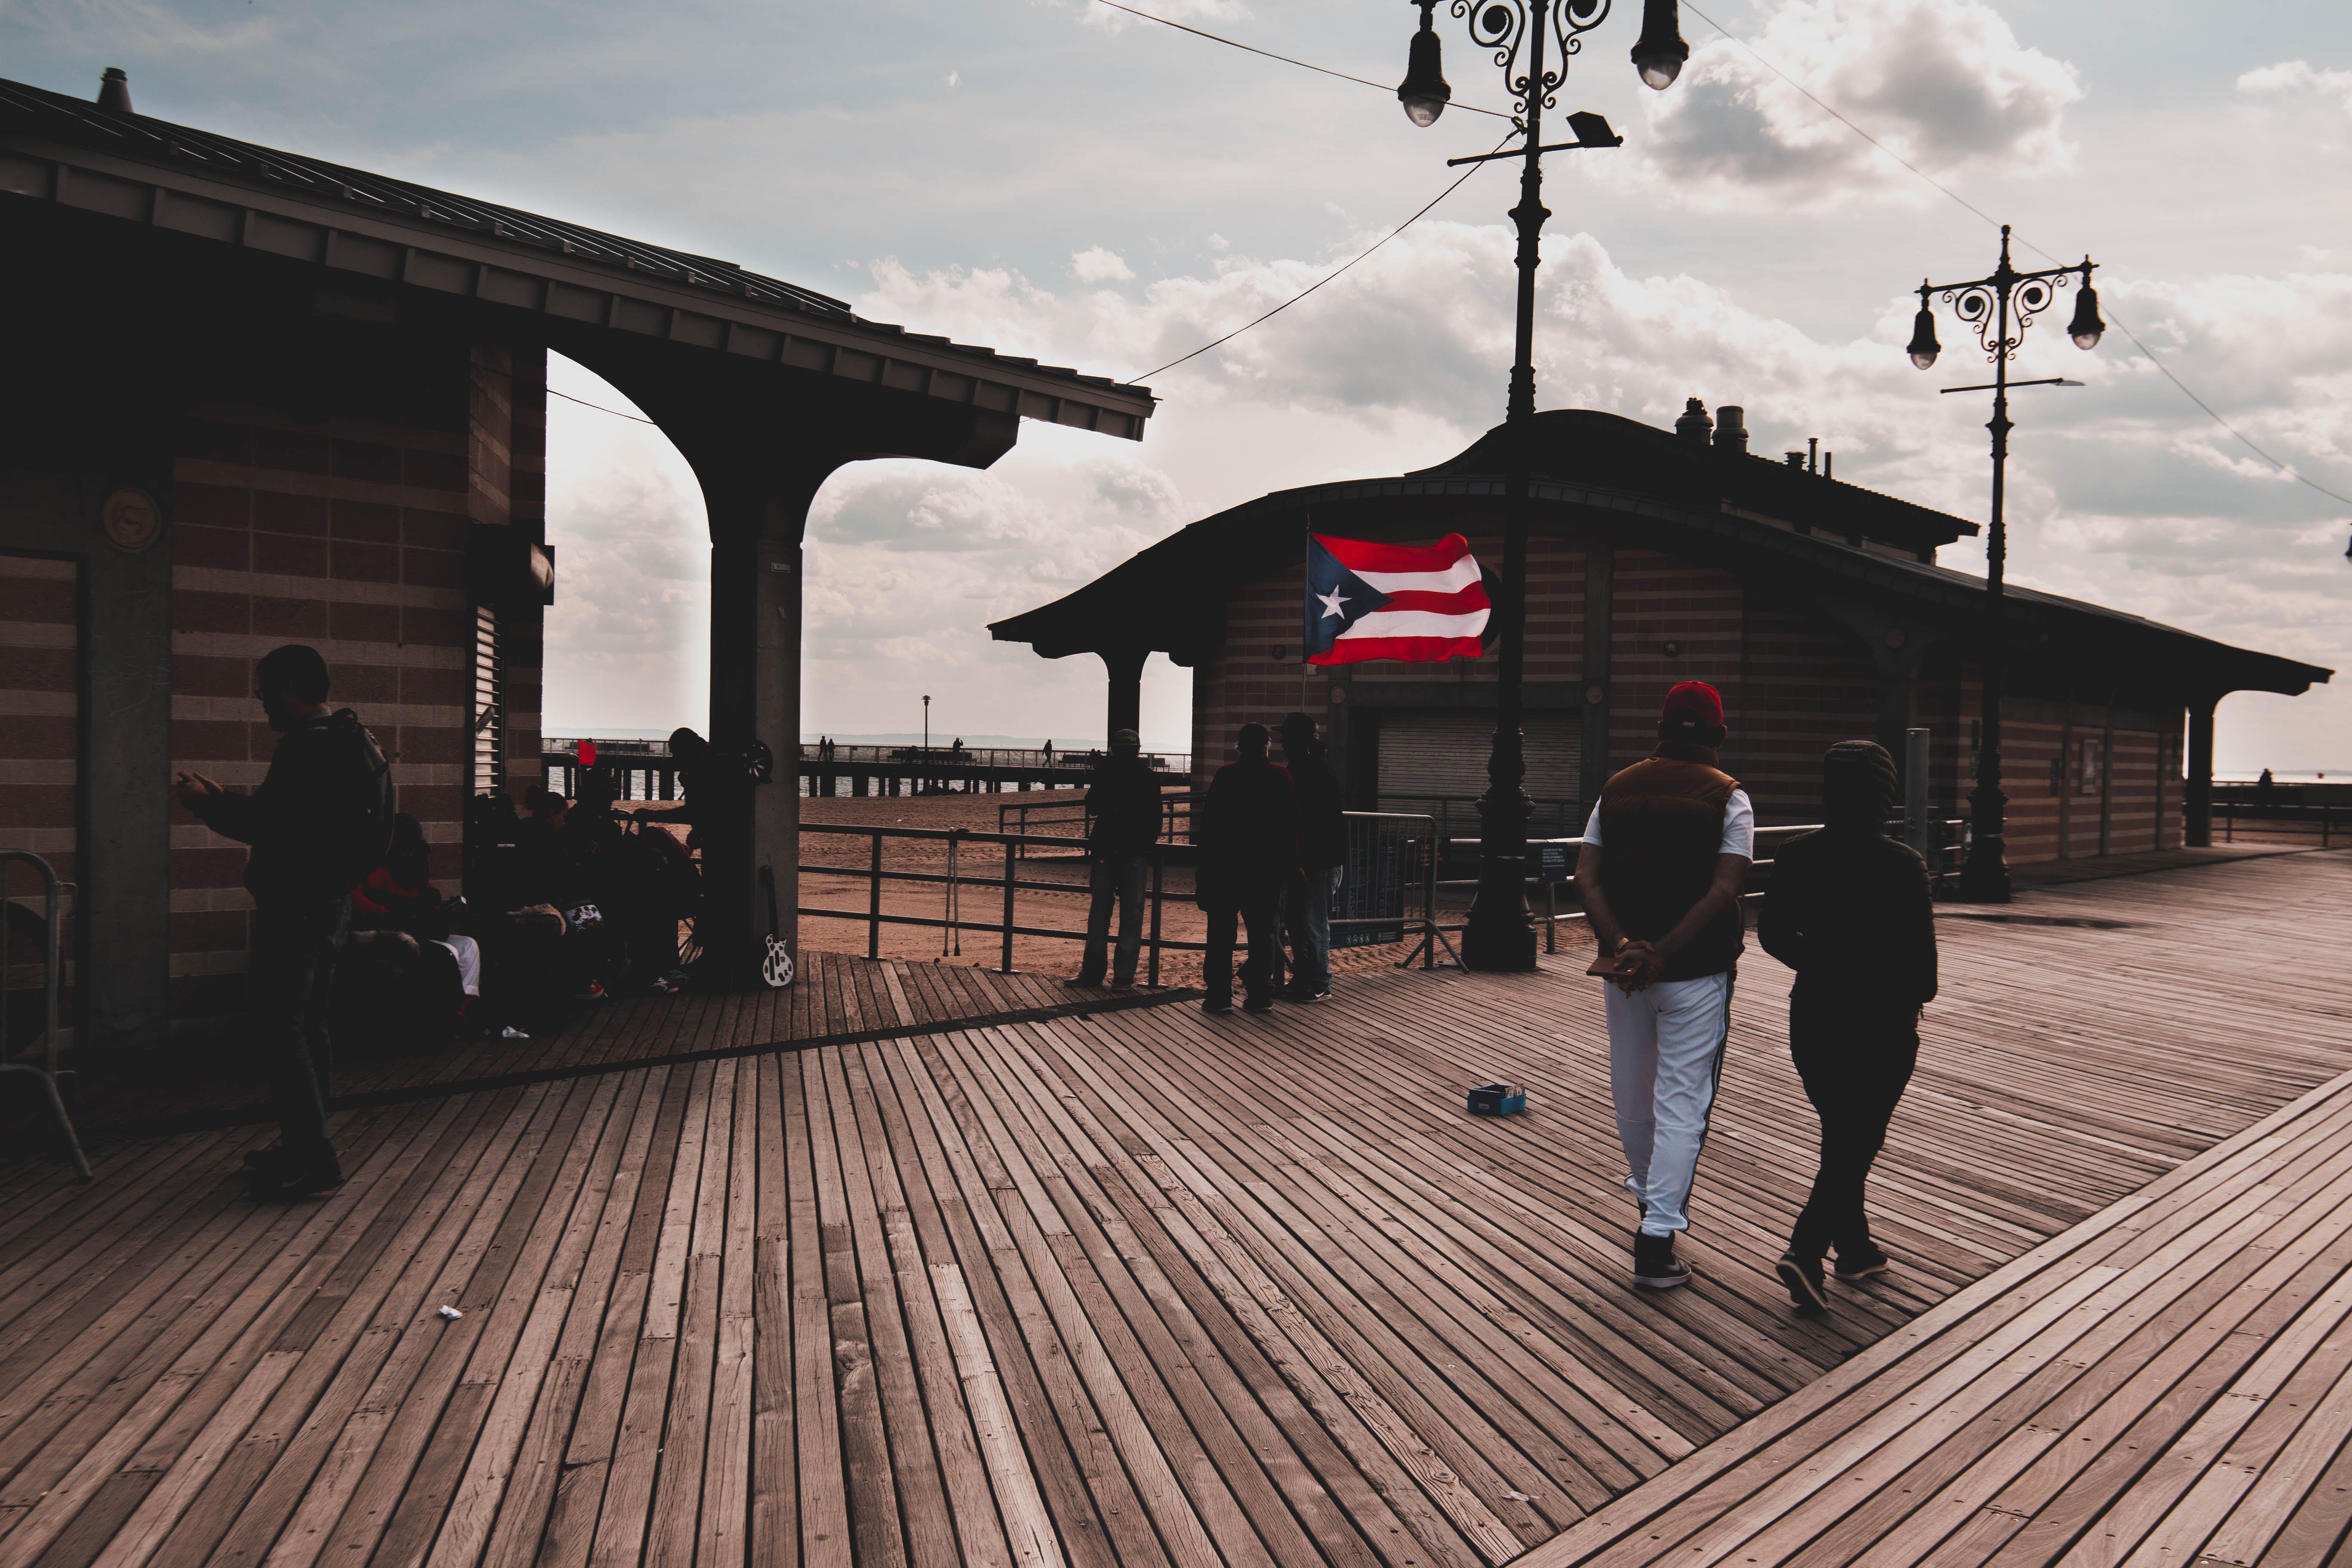 건물, 건축, 걷고 있는, 경치의 무료 스톡 사진